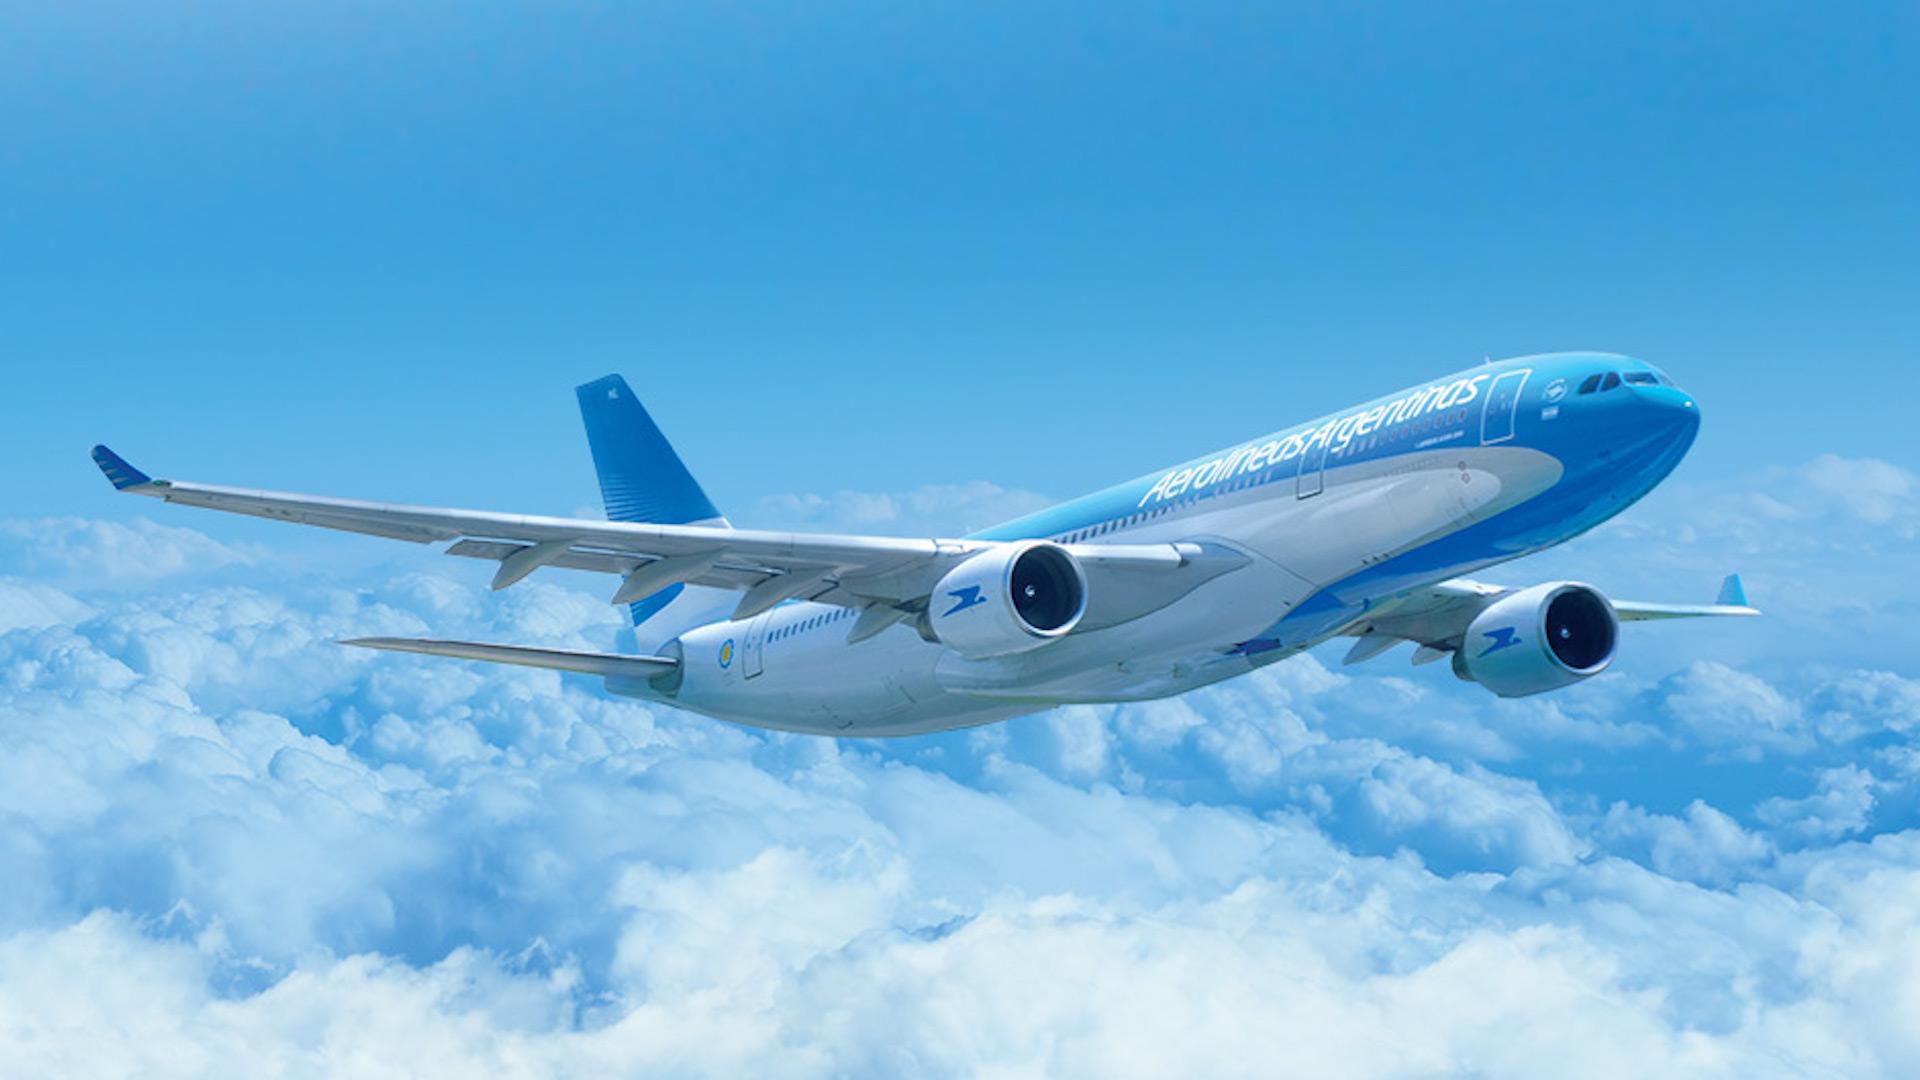 Comprar pasajes con Aerolíneas Argentinas: este no es el momento